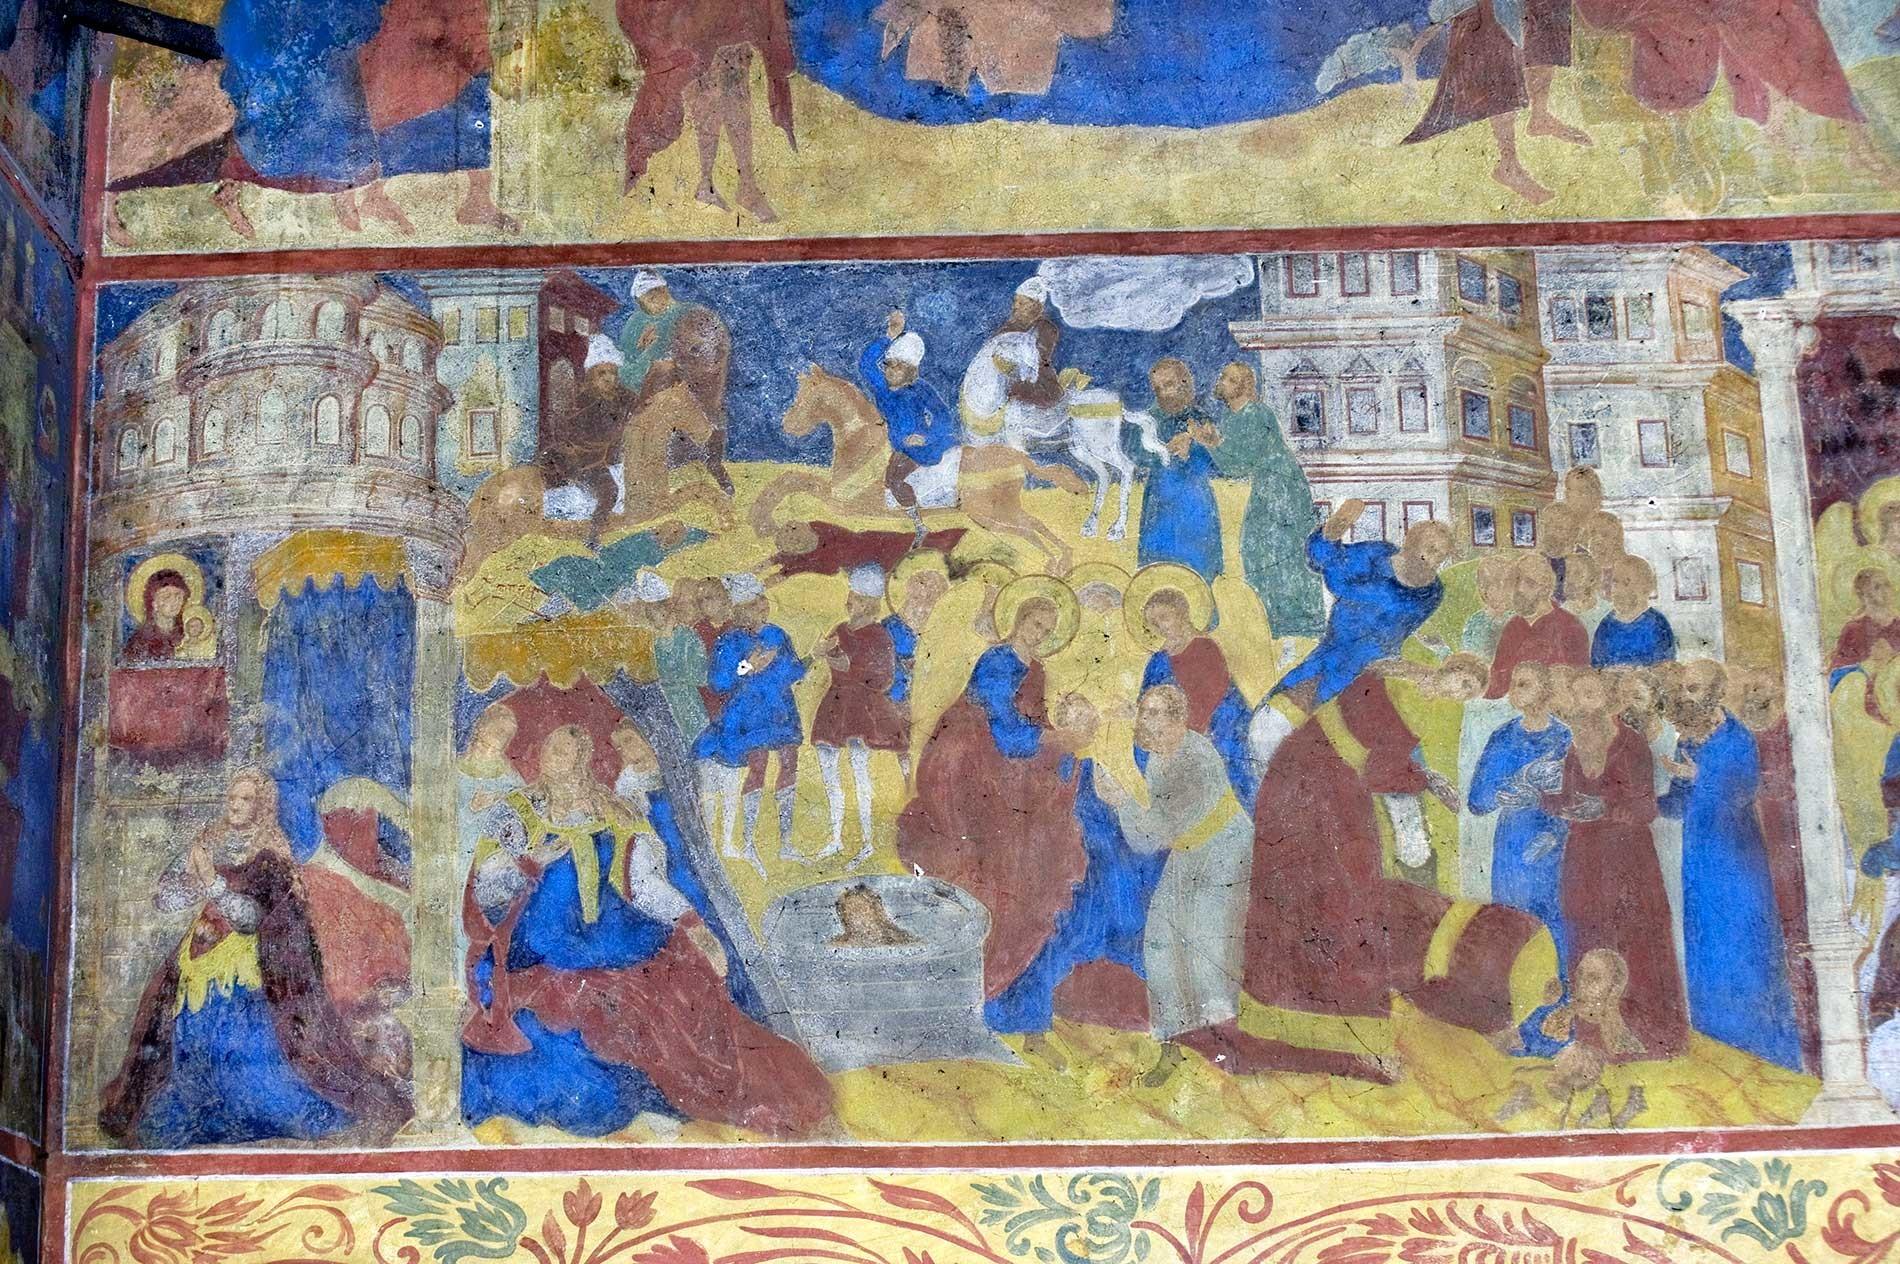 Chiesa dell'Icona della Vergine di San Teodoro. Parete nord, affresco raffigurante la Conversione e il martirio di Sant'Alessandra di Roma. 14 agosto 2017